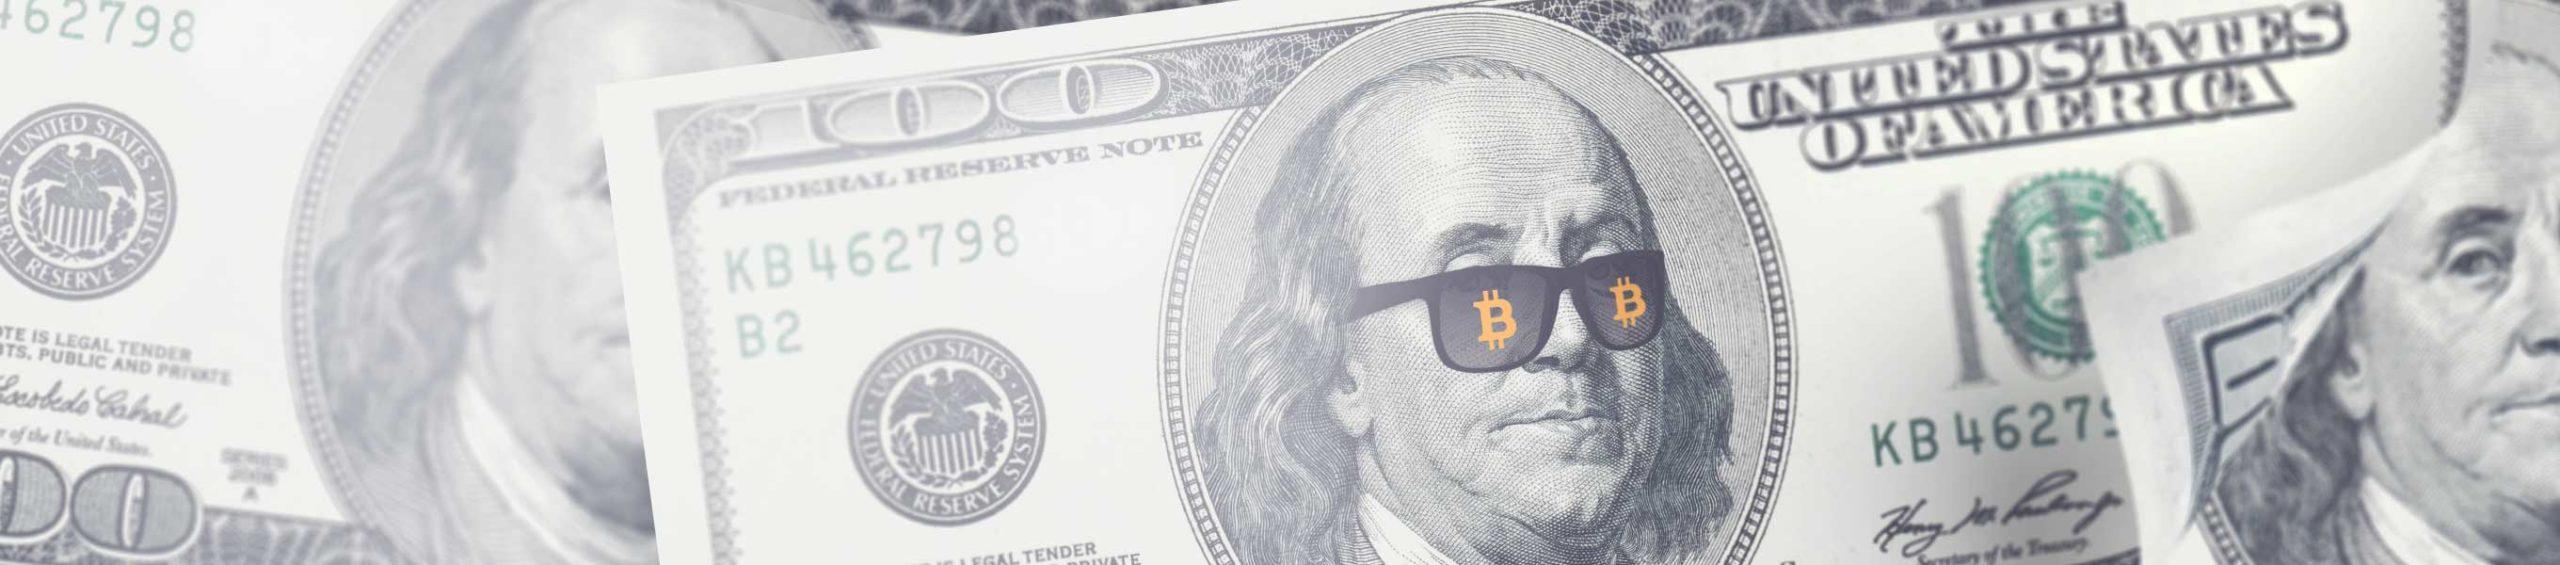 Bitcoin-CarouselBanner